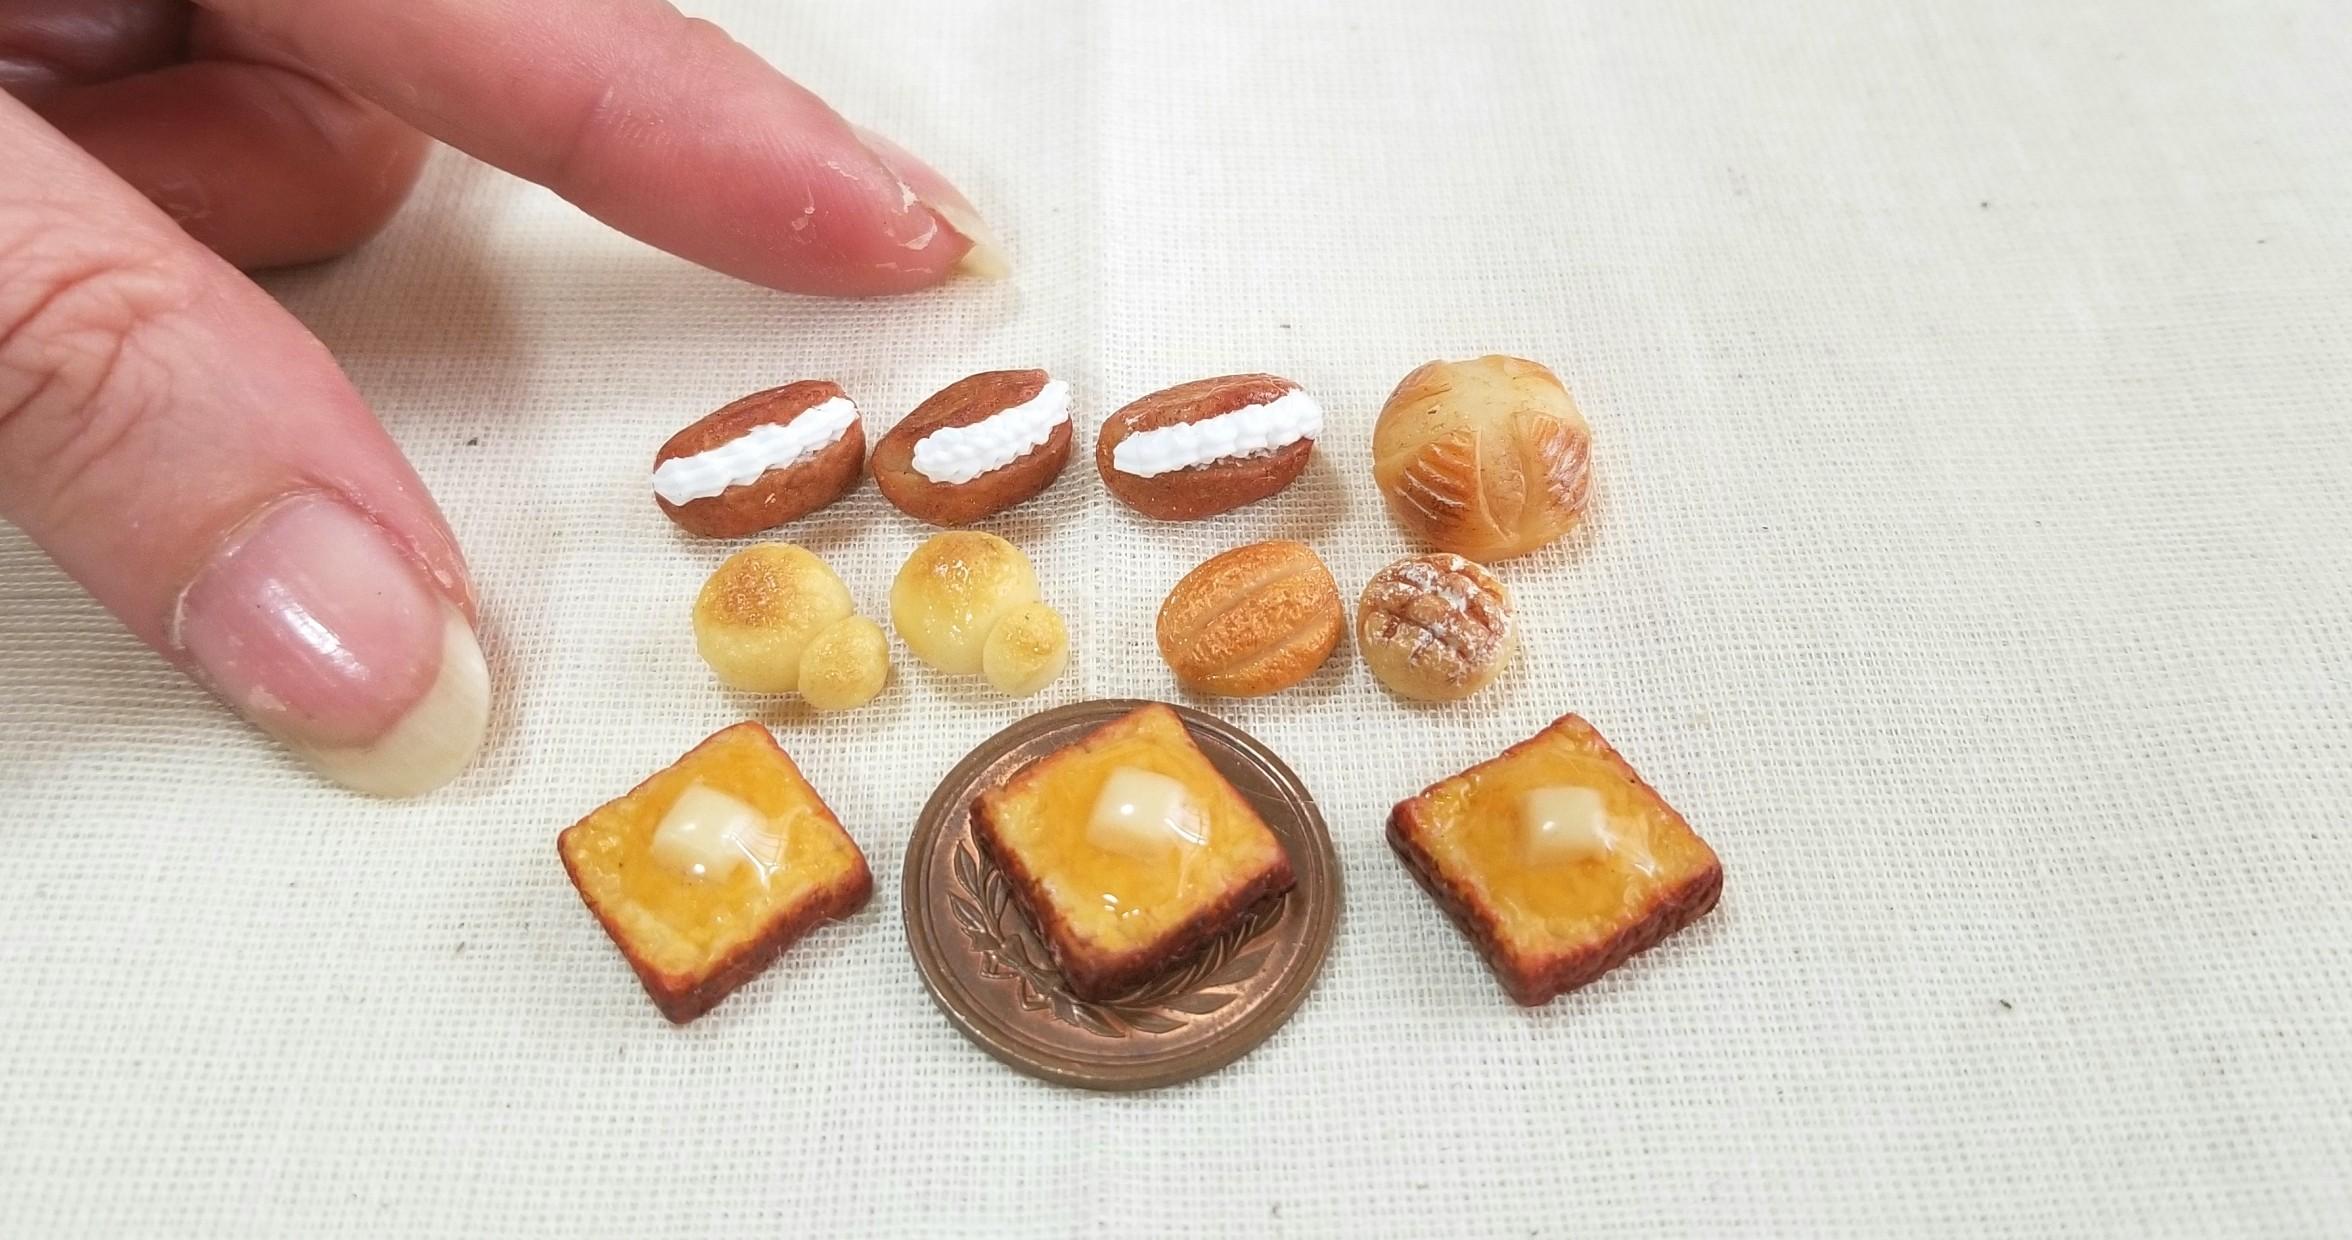 訳あり商品,SALE,パン,値引き,ミニチュアフード,ミンネで販売中